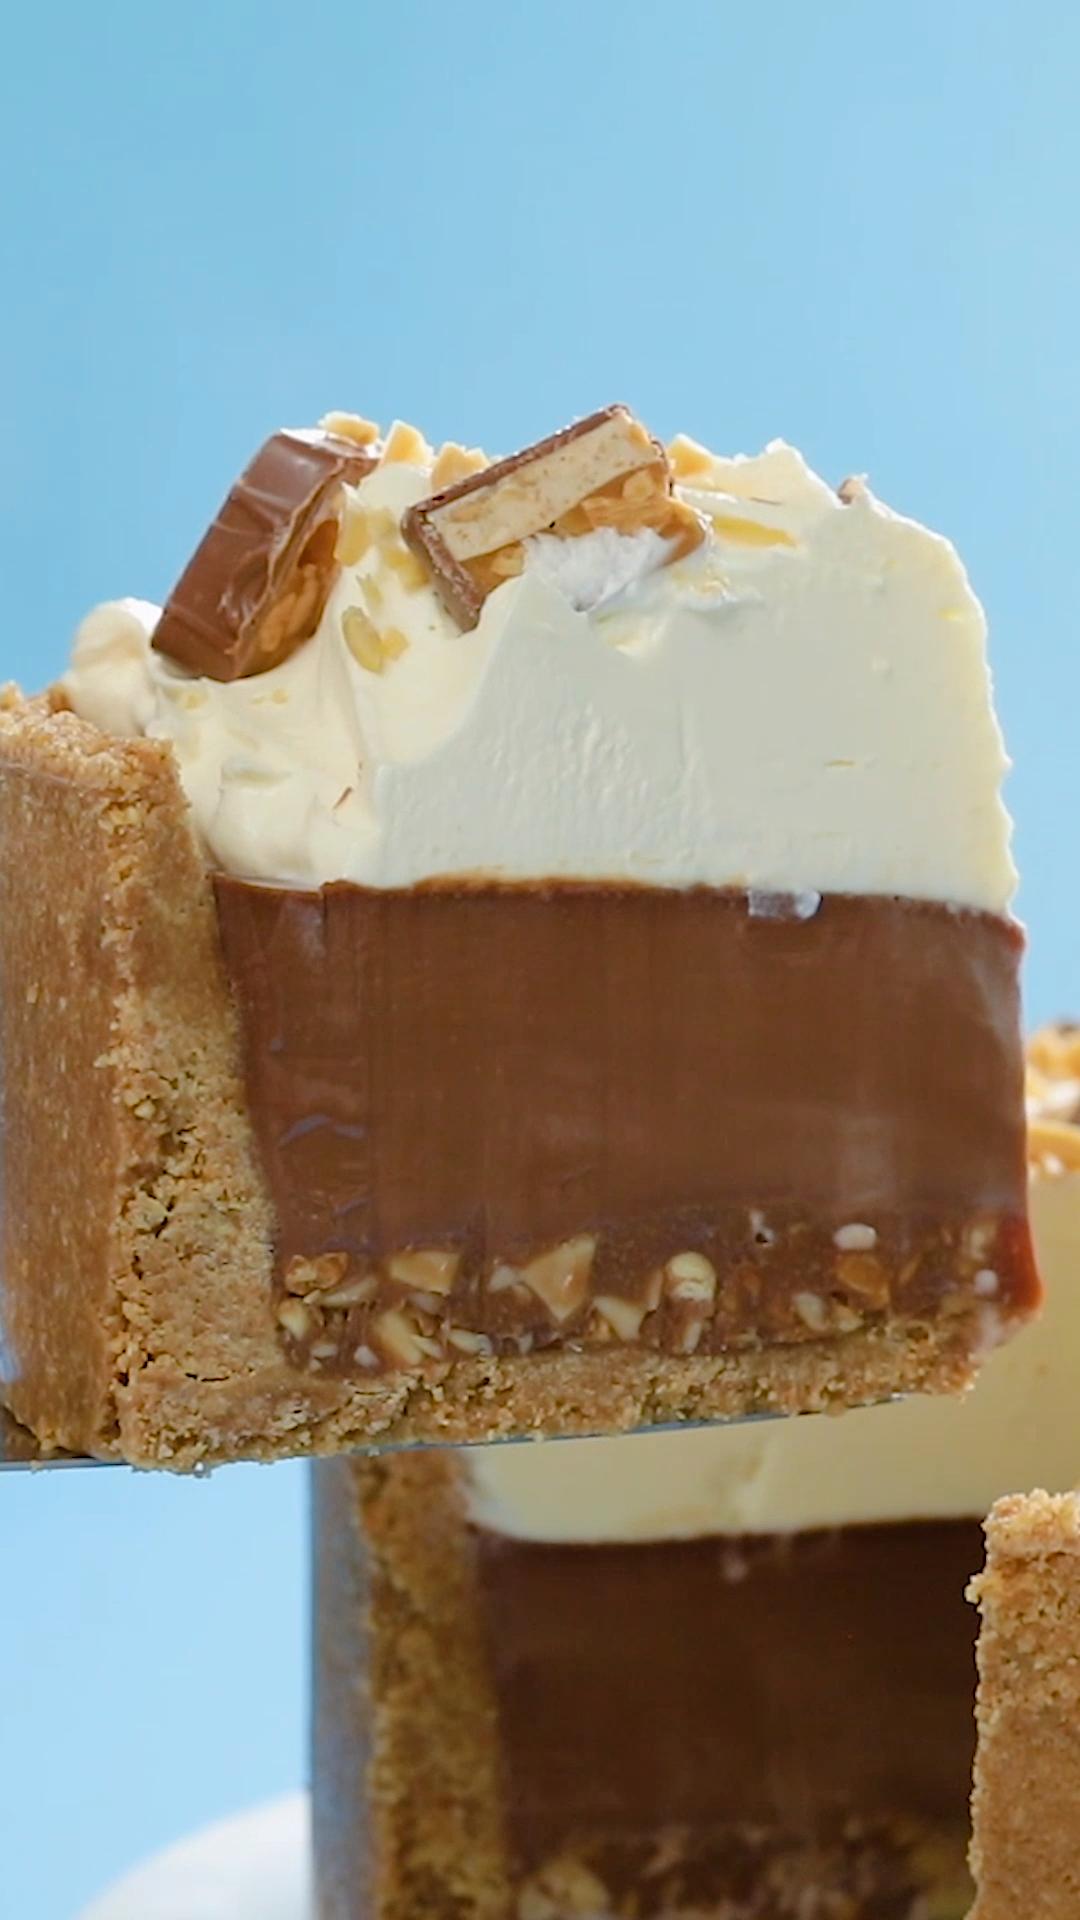 Envie d'une tarte aux snickers ? Voici comment réaliser une délicieuse tarte aux snickers à la maison. Cette recette de tarte façon snickers est un vrai régal ! Elle est parfaite en dessert pour une occasion spéciale comme pour un anniversaire par exemple. C'est une recette facile et très gourmande alors si tu recherches une idée de dessert originale, cette recette est faite pour toi !